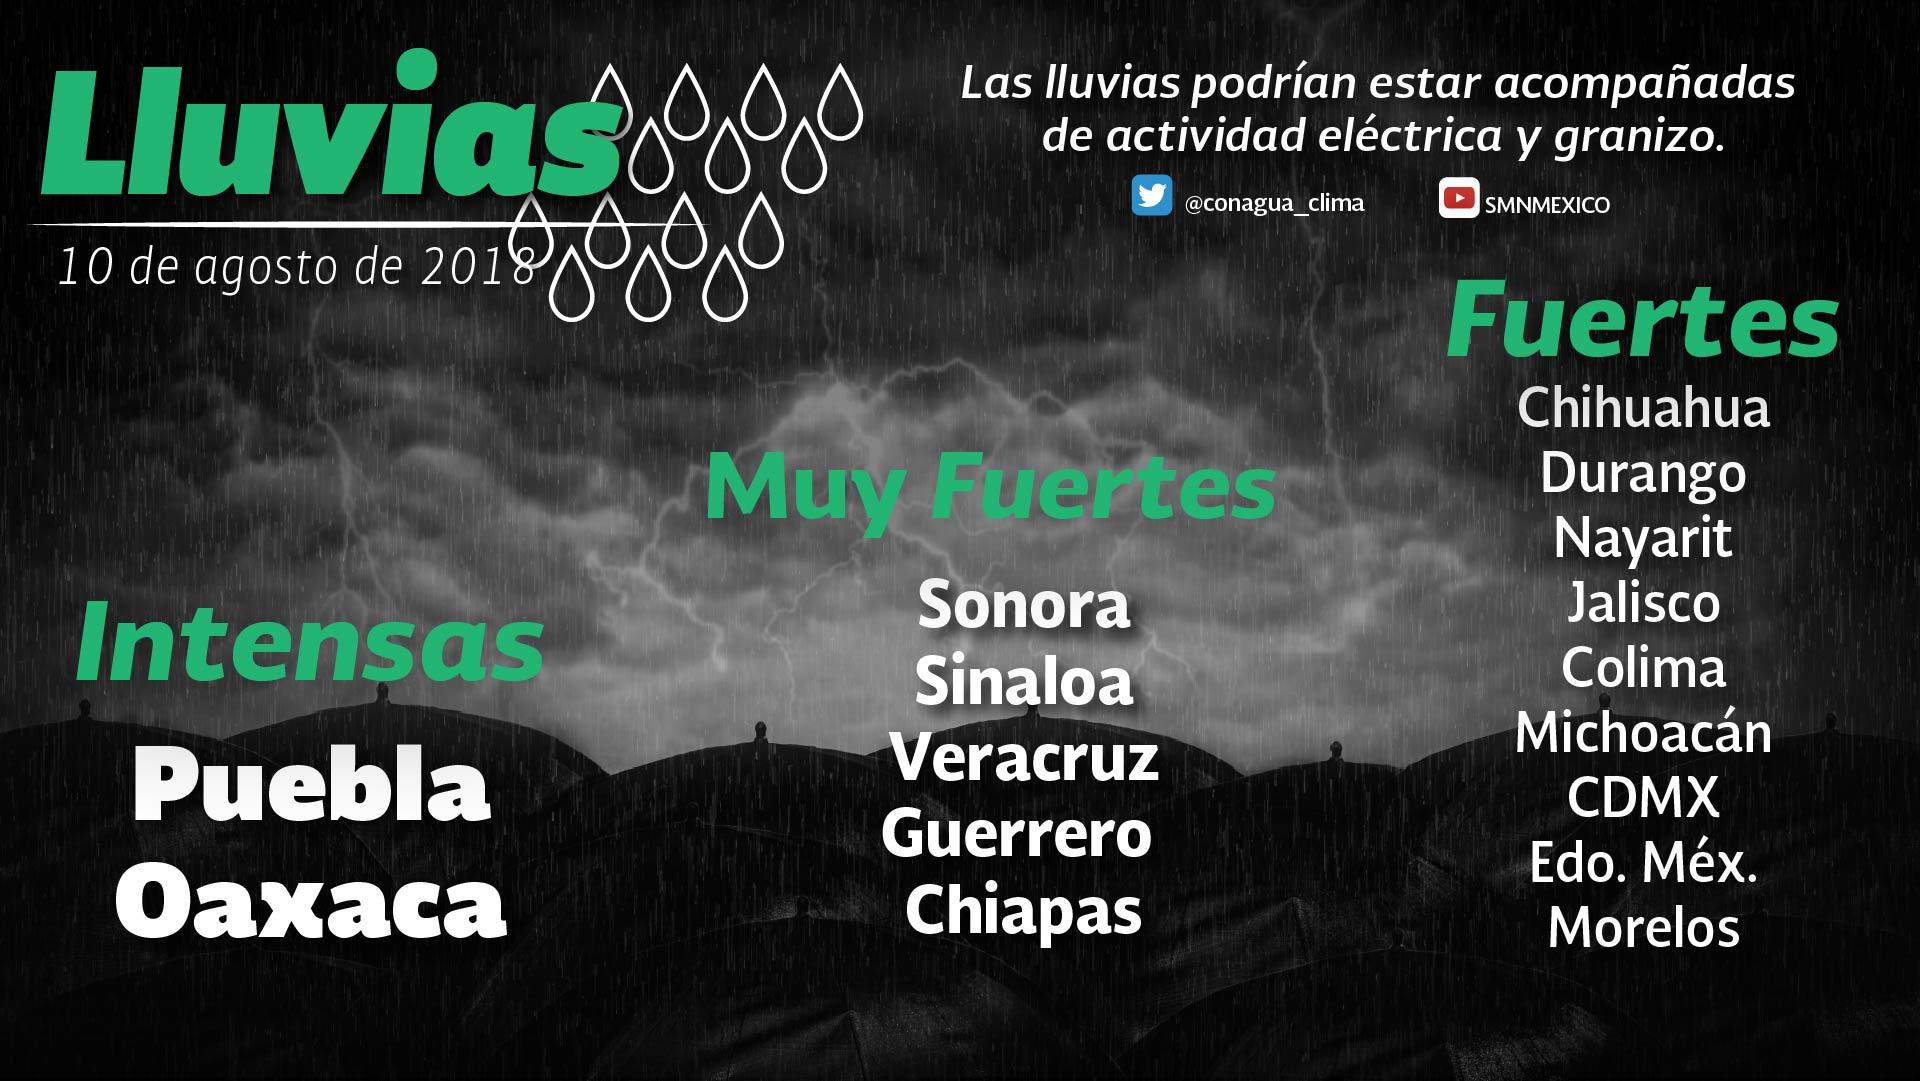 Tormentas intensas se prevén en Puebla y Oaxaca y muy fuertes en Sonora